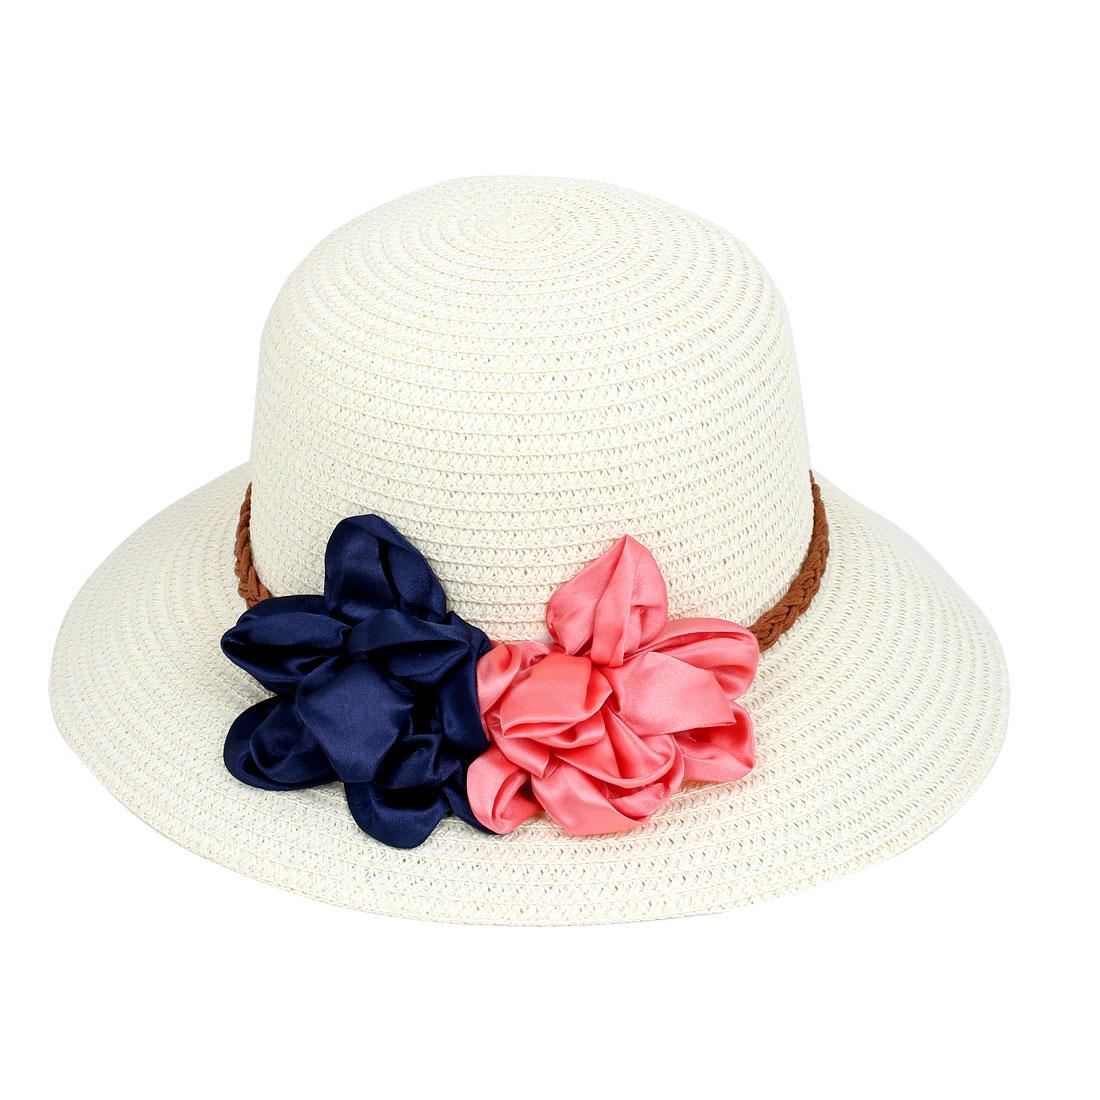 Lady Women Vacation Summer Beach Sun Floppy Wide Brim Floral Straw Hat Off White